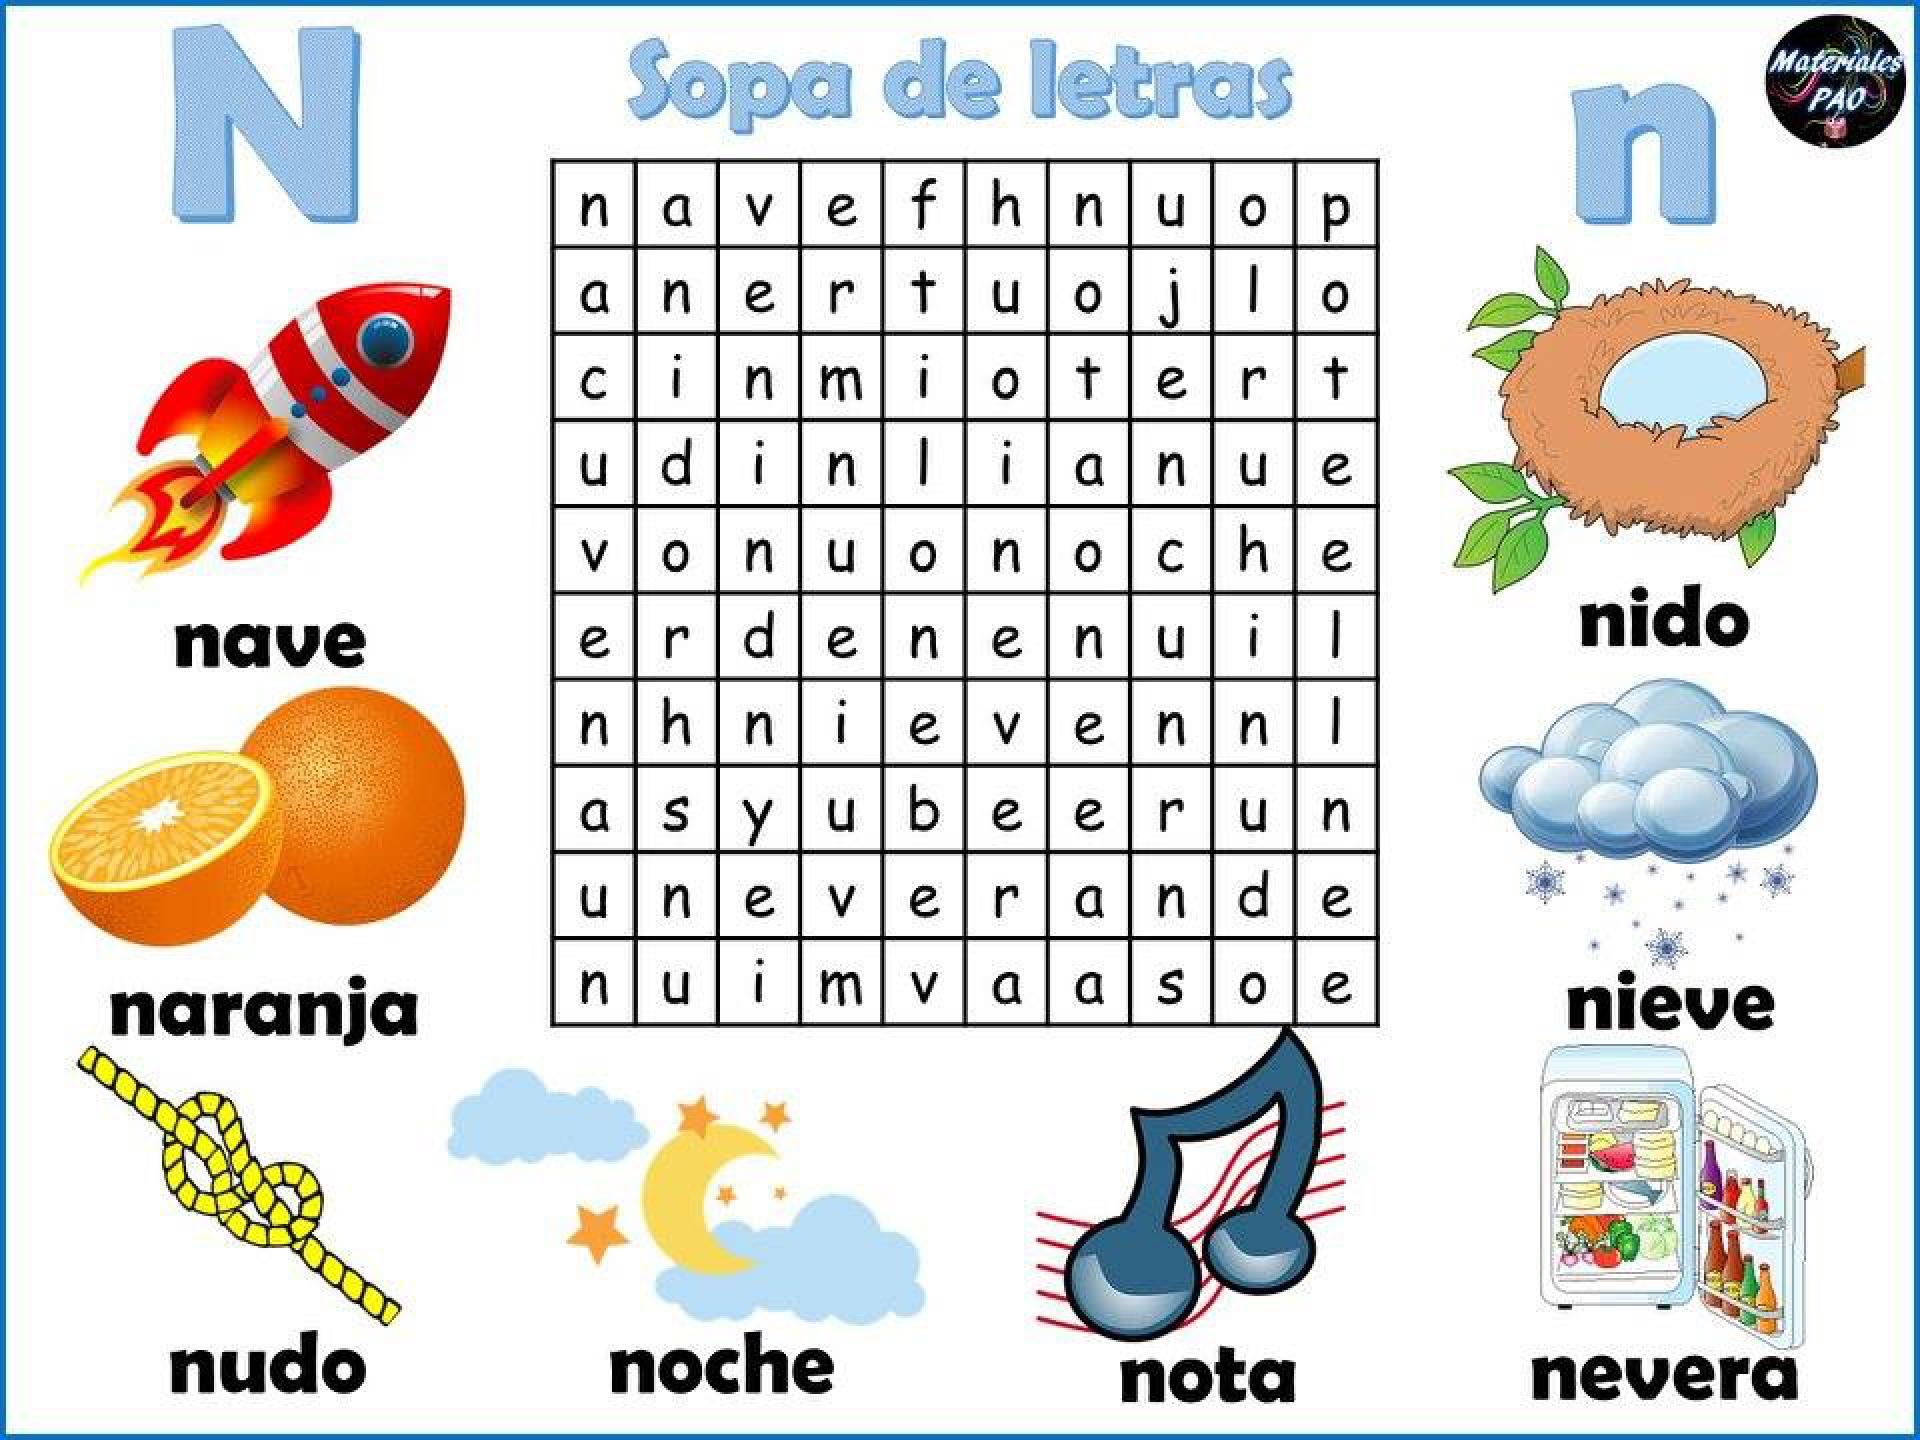 Sopa-de-letras-del-abecedario-014 - Orientación Andújar